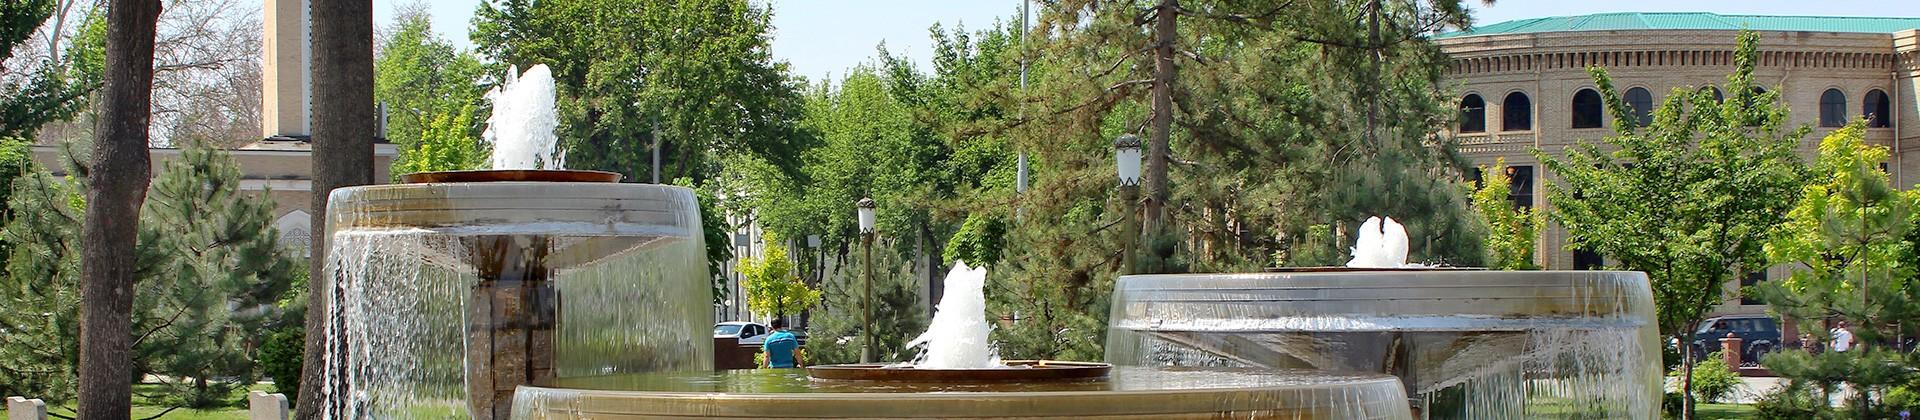 Amir Timur Square - 1